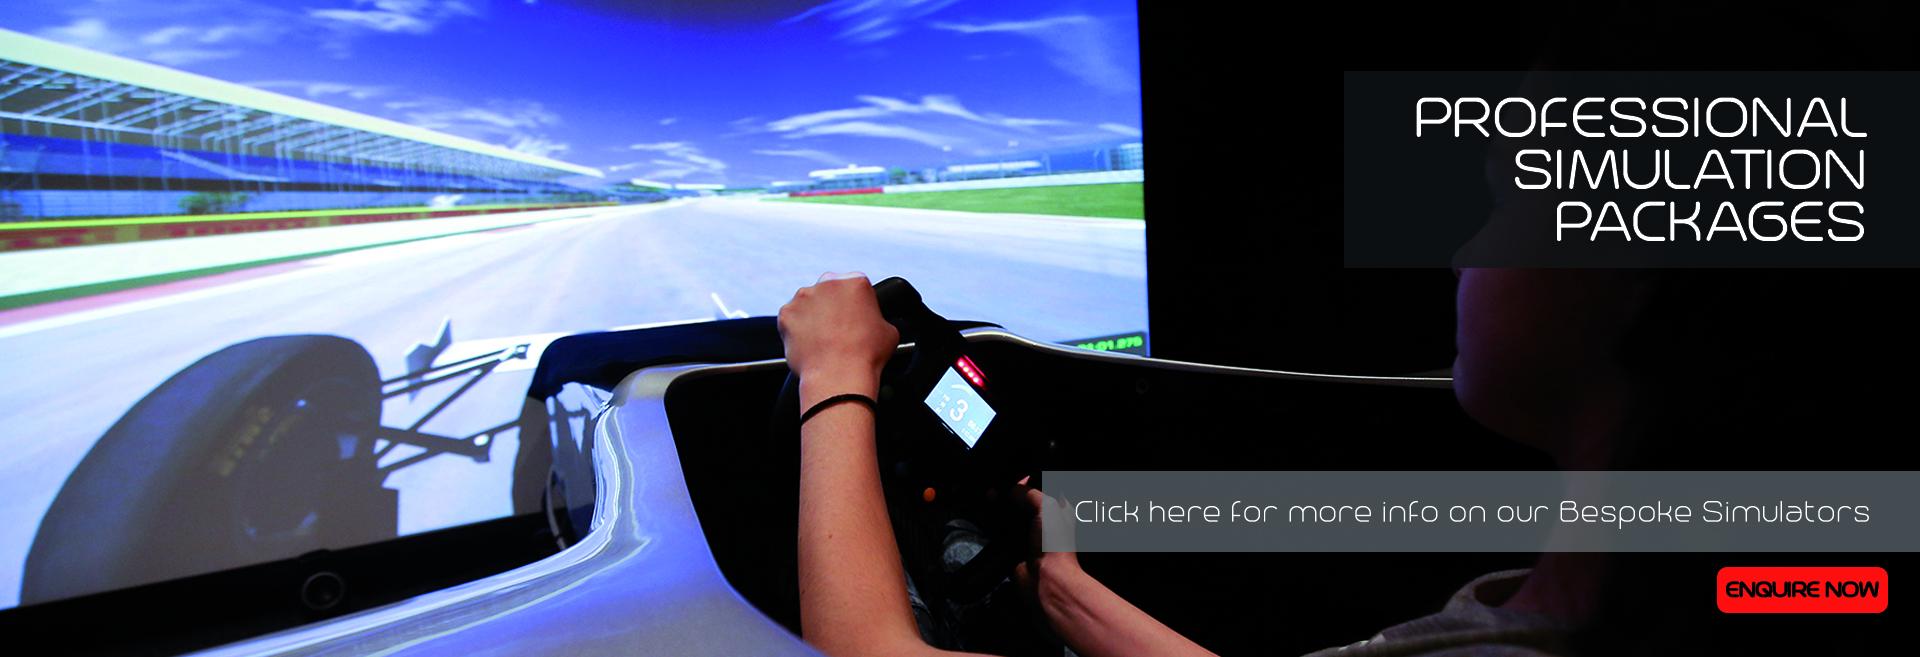 Racing Simulators For Sale - Pro Racing Simulators Ltd